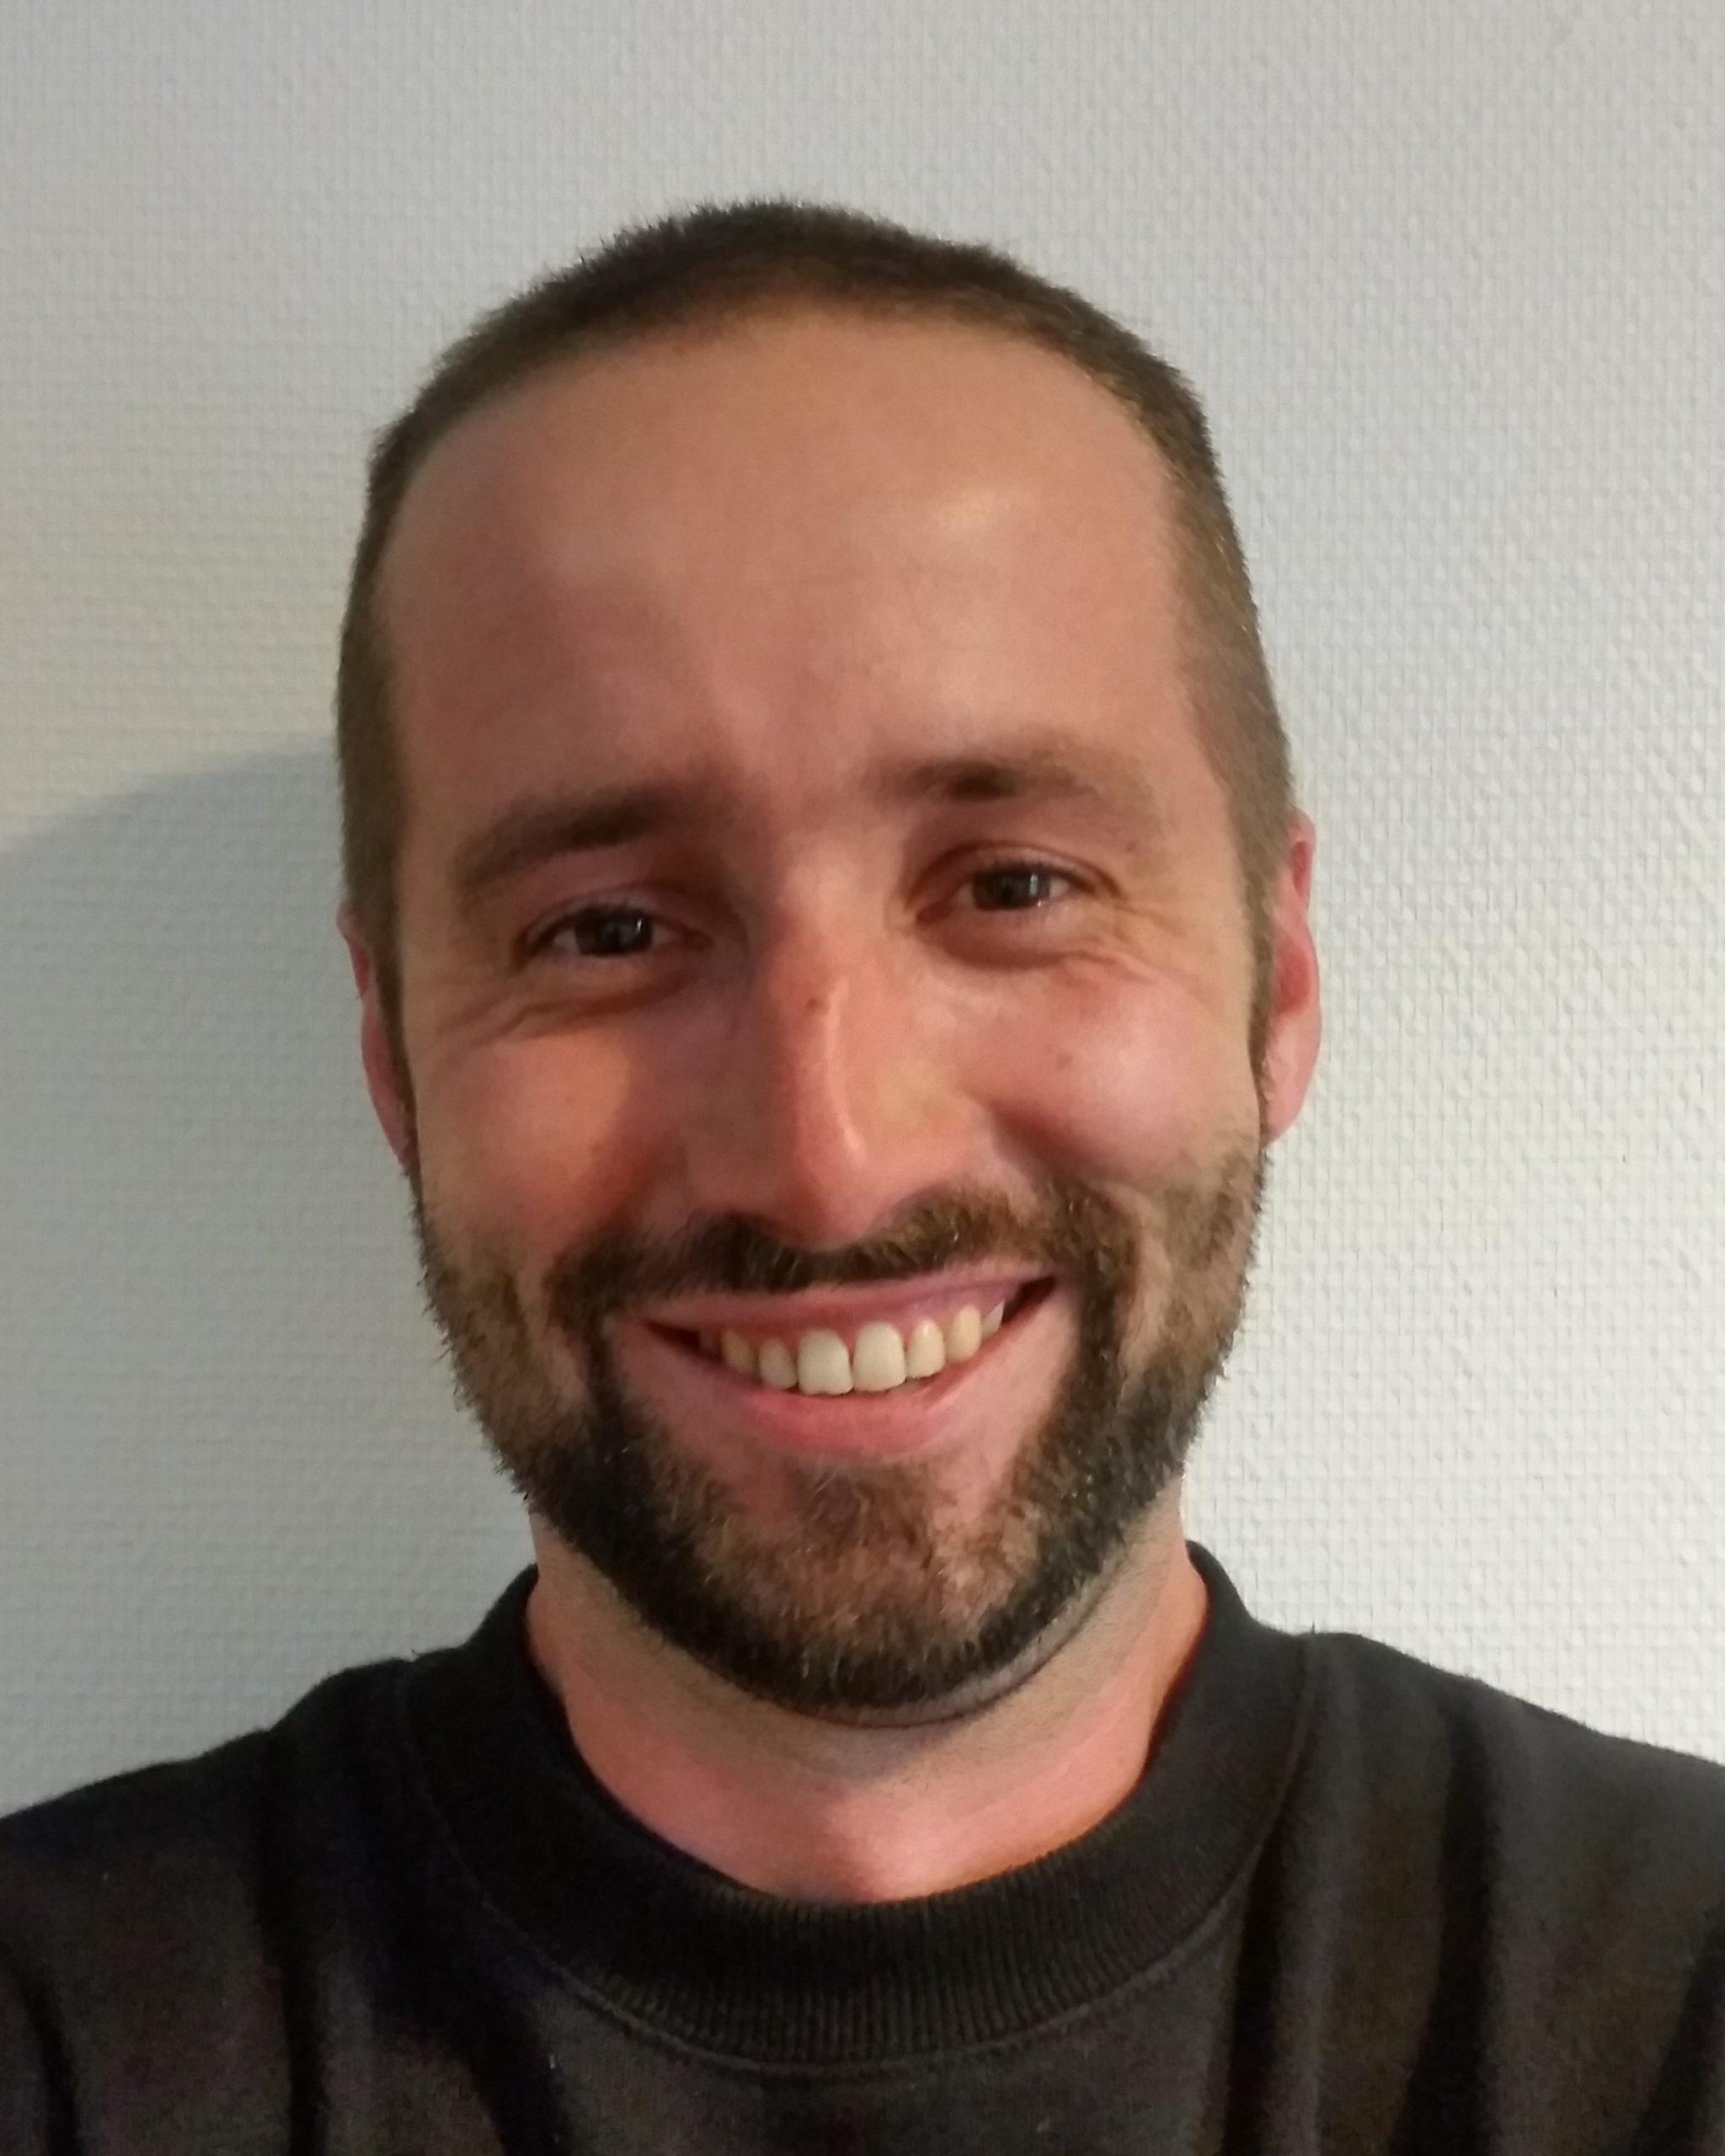 Magnus Kristensen